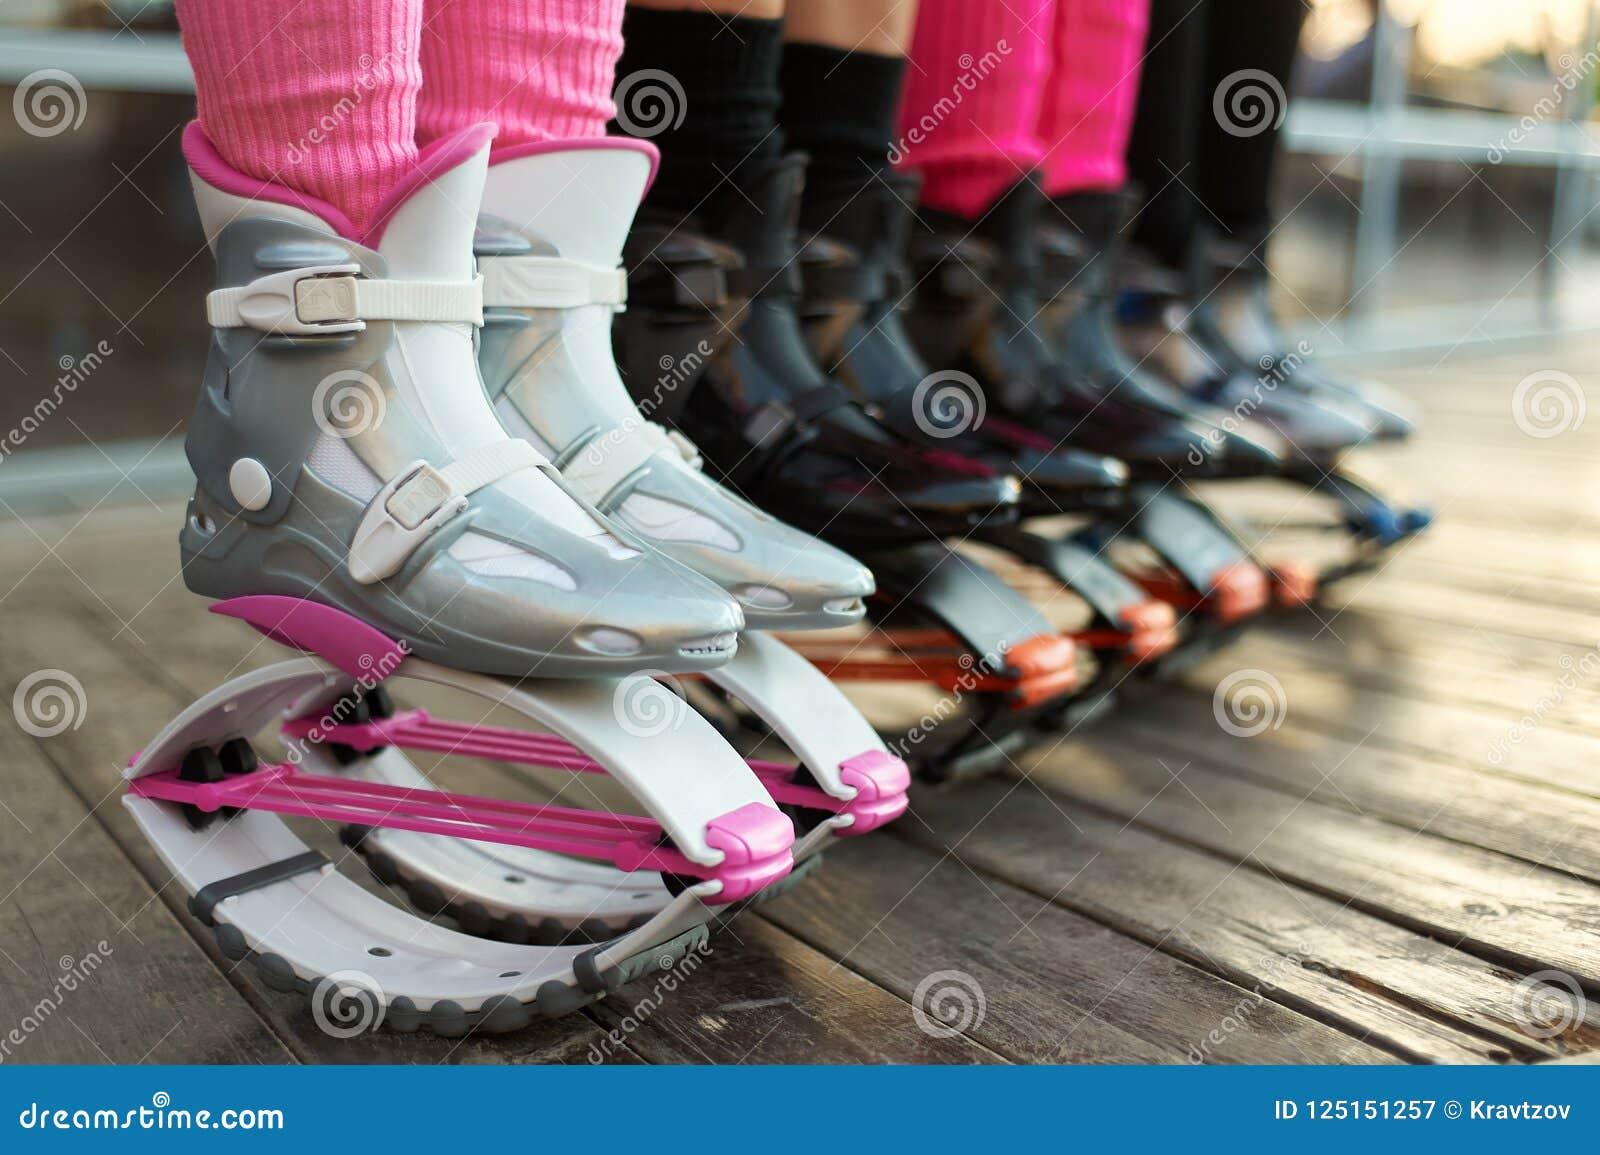 Υπόλοιπος κόσμος των μποτών αλμάτων kangoo στα πόδια των γυναικών ομάδα κοριτσιών στην ικανότητα workout